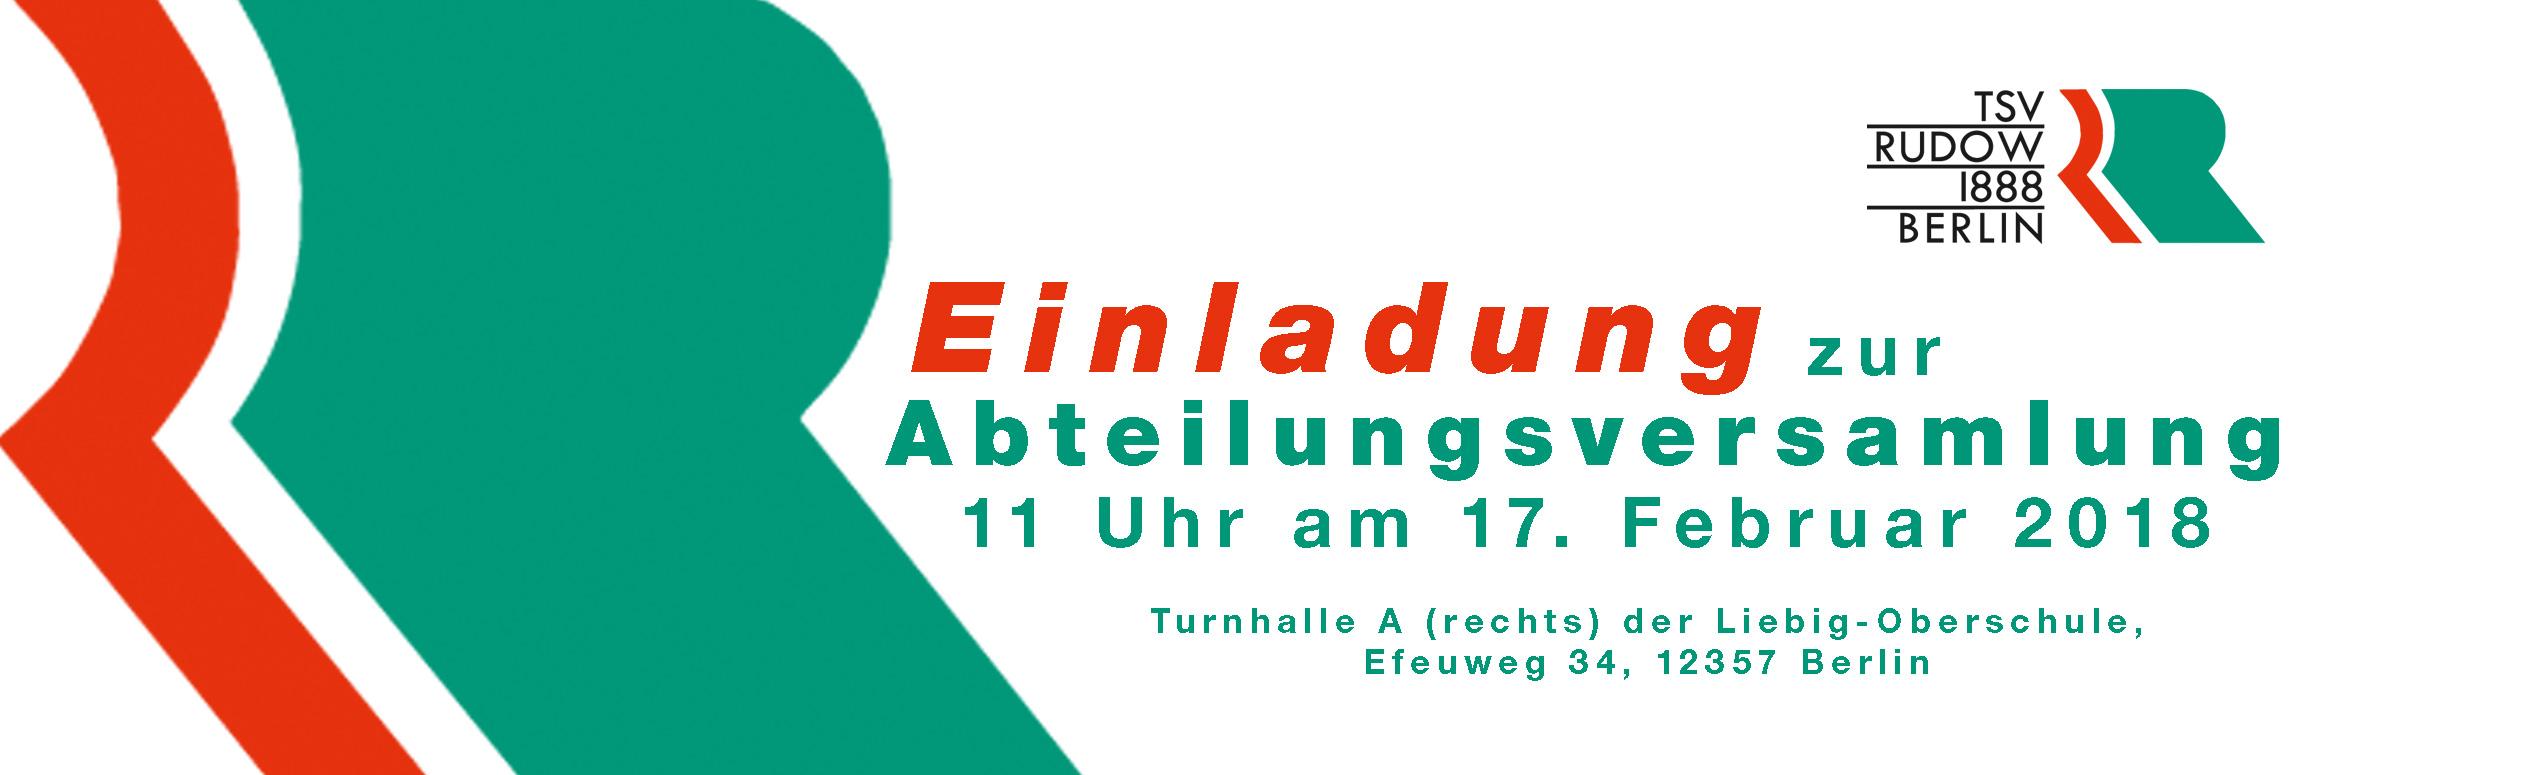 Web_Banner_1904x581px_2018_Abteilungsversammlung_NEU